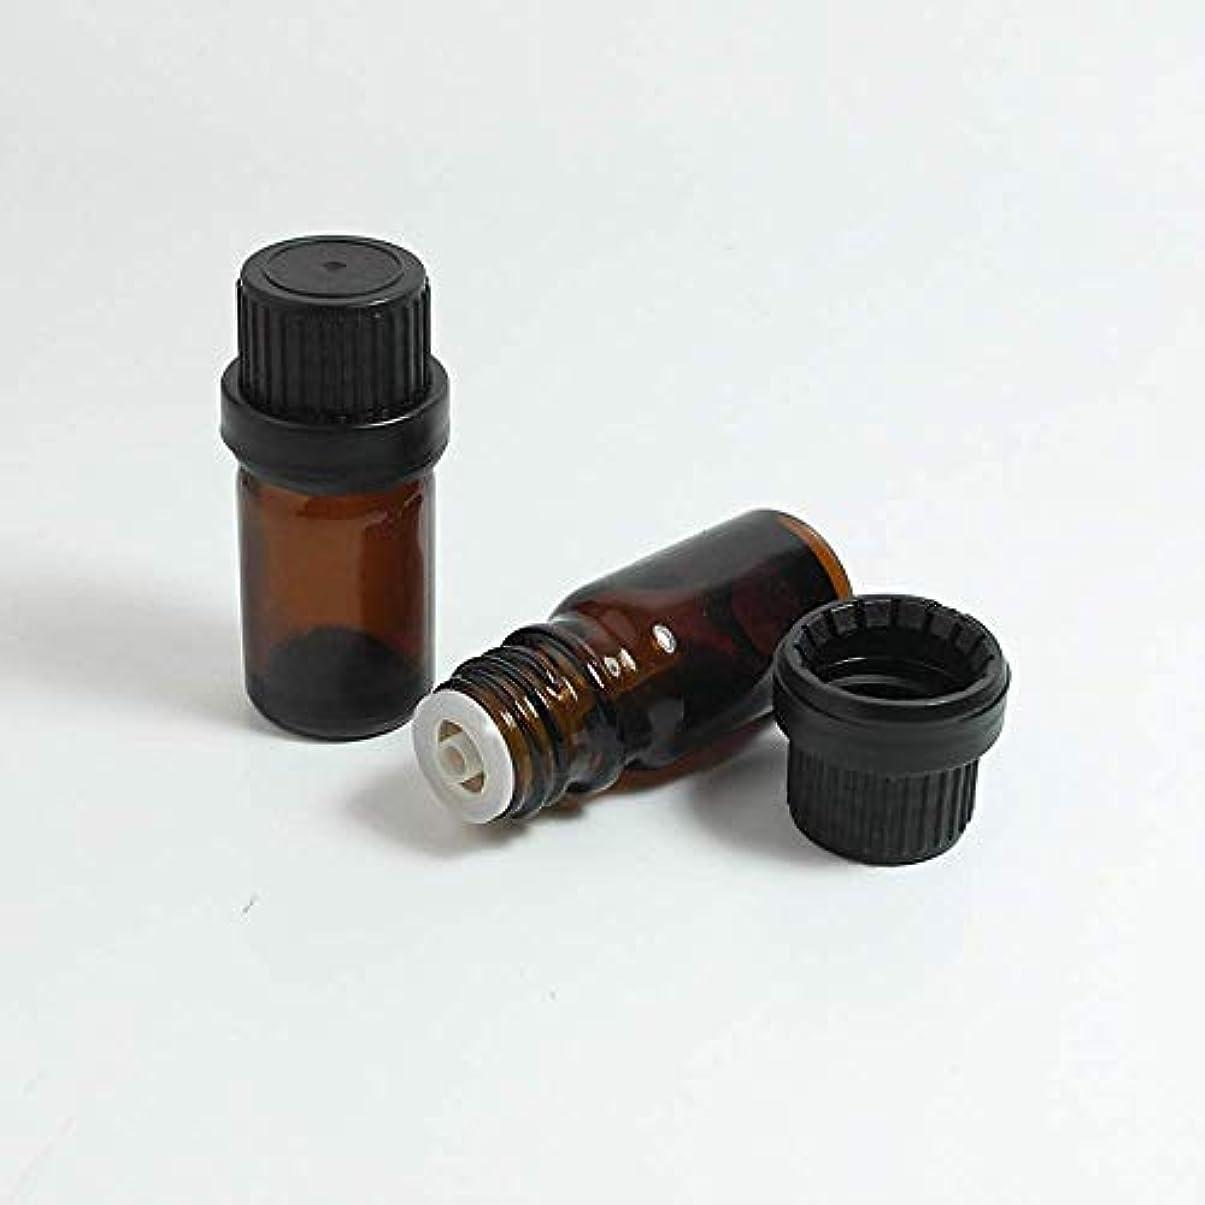 司教平和的欠点Simg アロマオイル 精油 遮光瓶 セット ガラス製 エッセンシャルオイル 保存用 保存容器詰め替え 茶色 10ml 5本セット